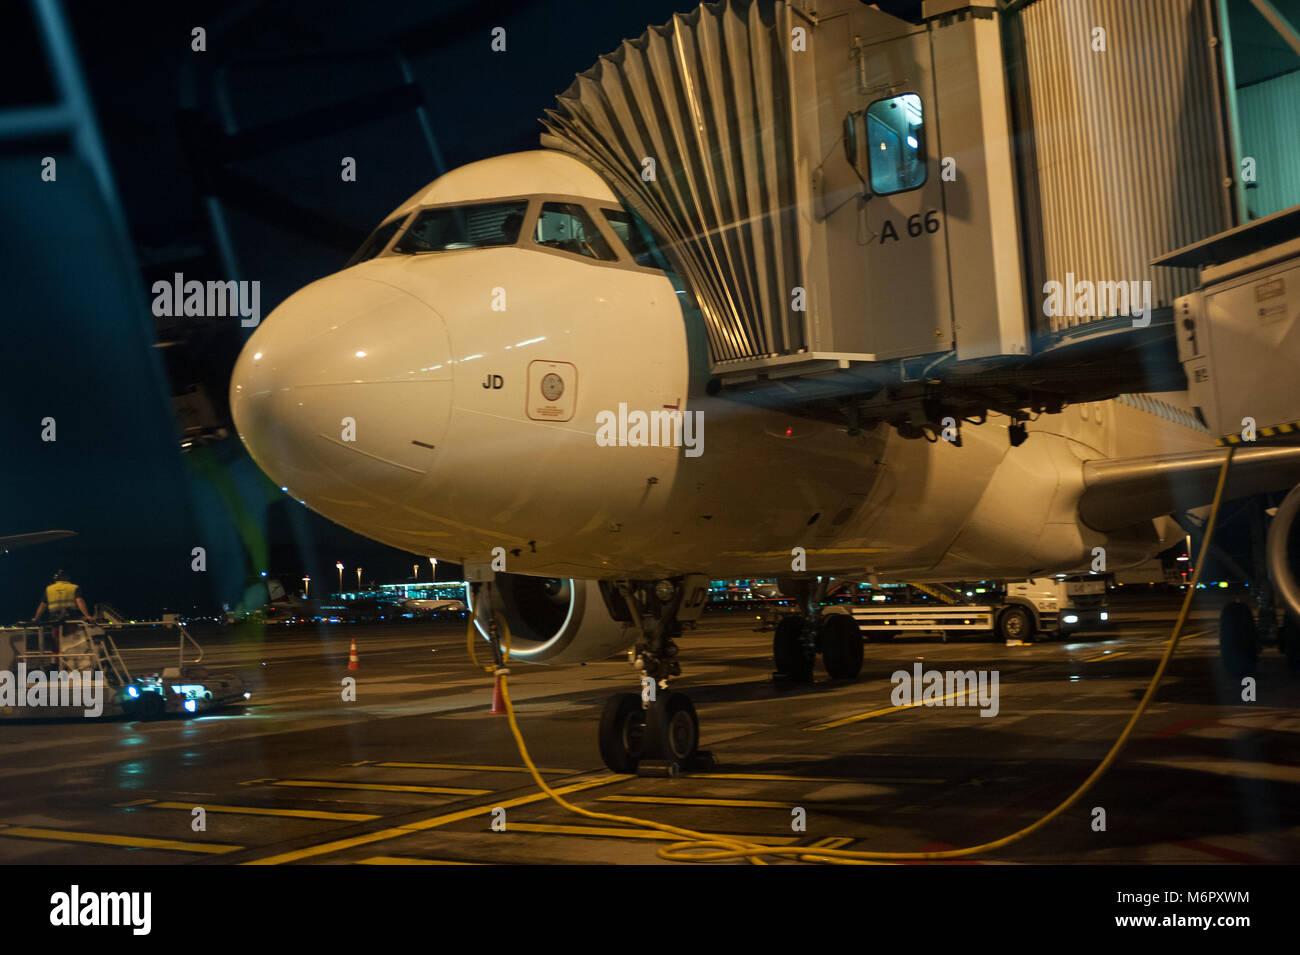 15.06.2017, Zurich, Switzerland, Europe - A Swiss passenger plane is parked at a gate at Zurich's Airport Kloten. - Stock Image